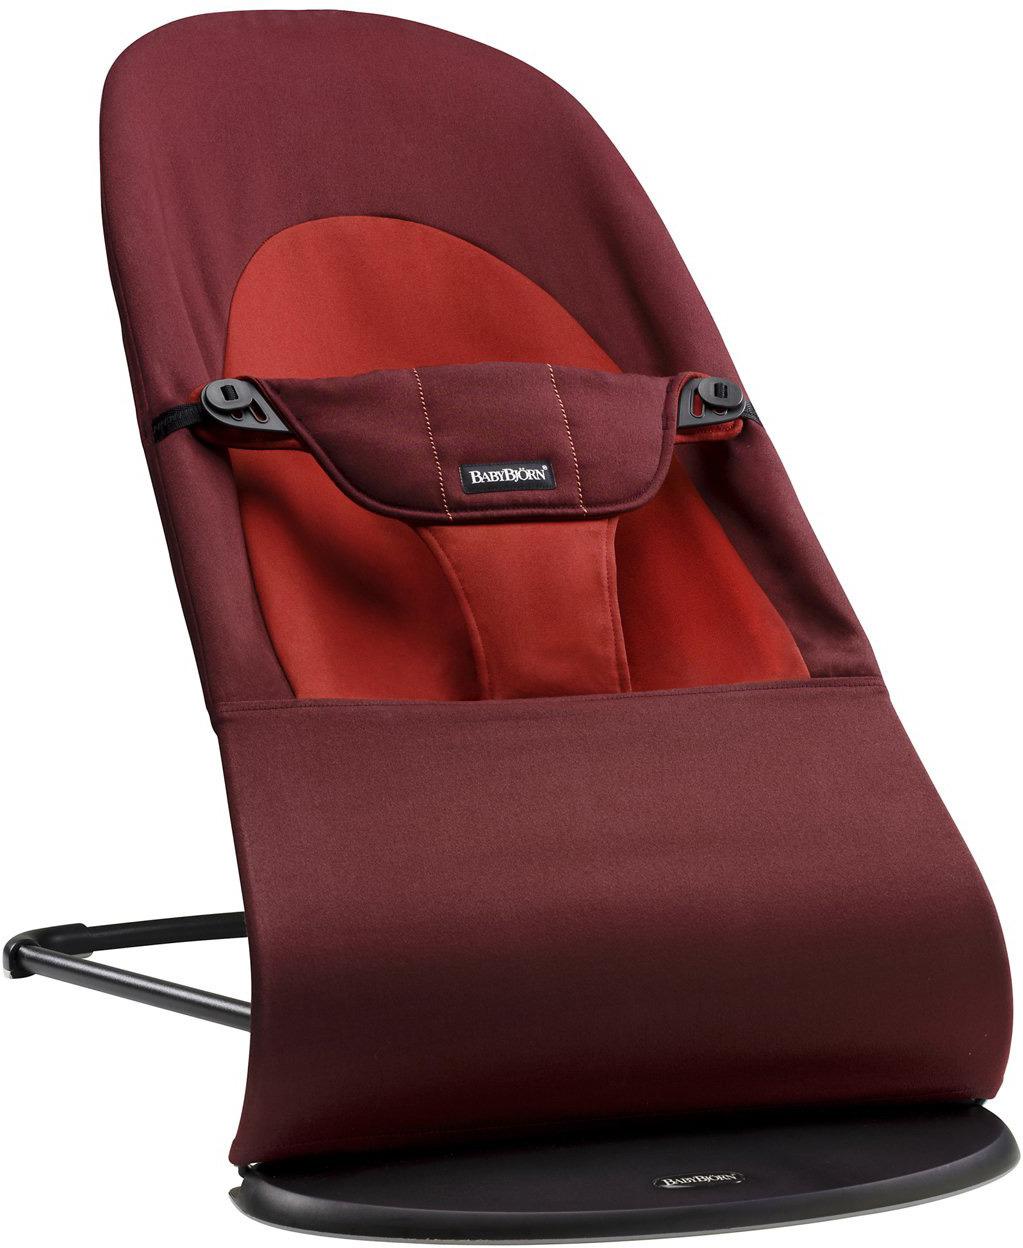 цена на Кресло-шезлонг BabyBjorn Balance Soft, цвет: оранжевый